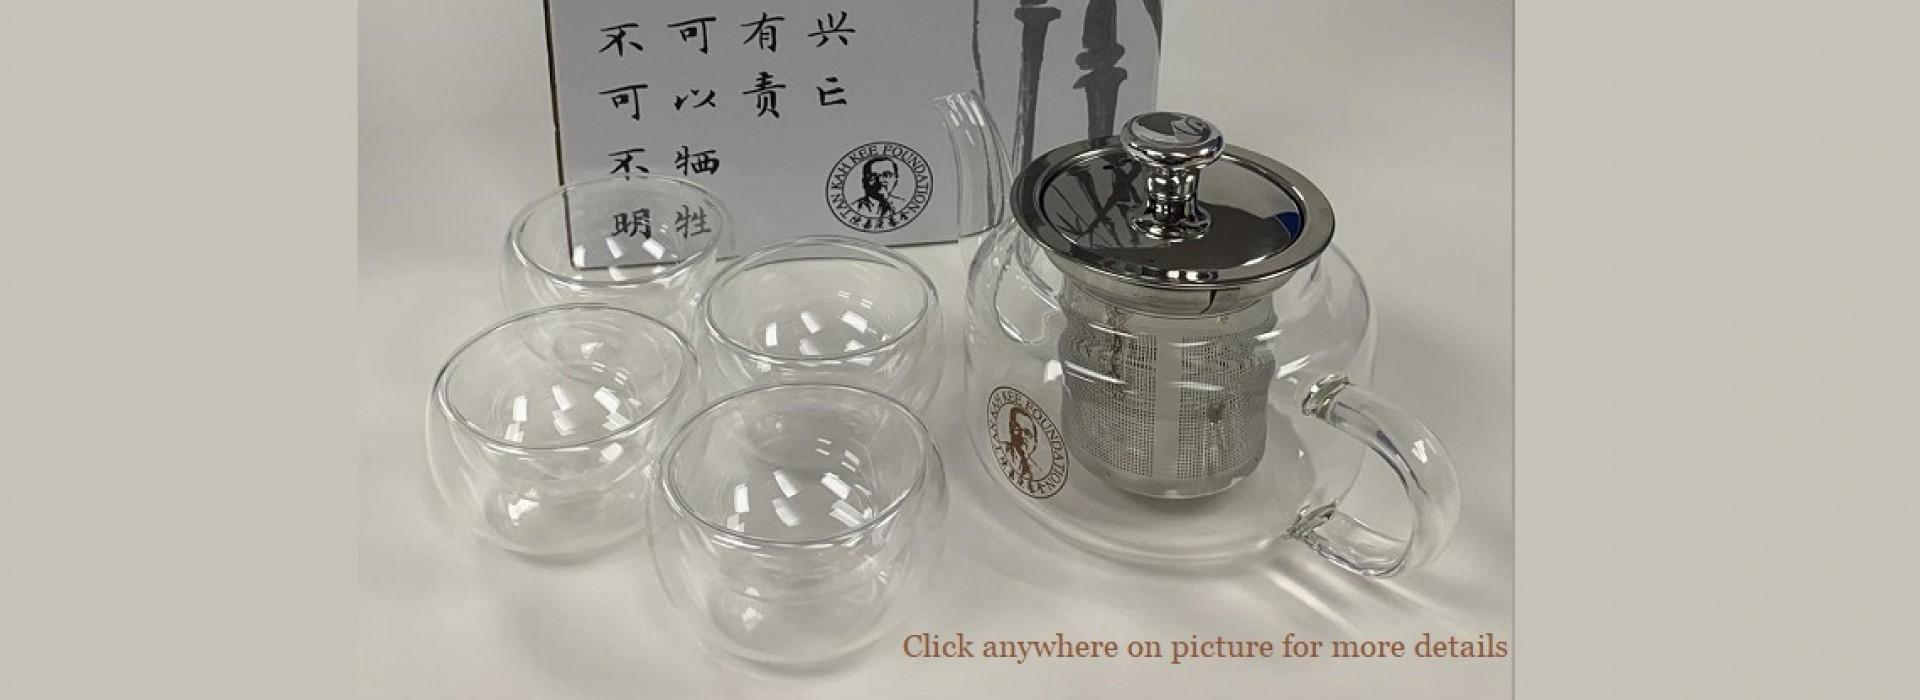 Glass Teapot Set - Slider 5